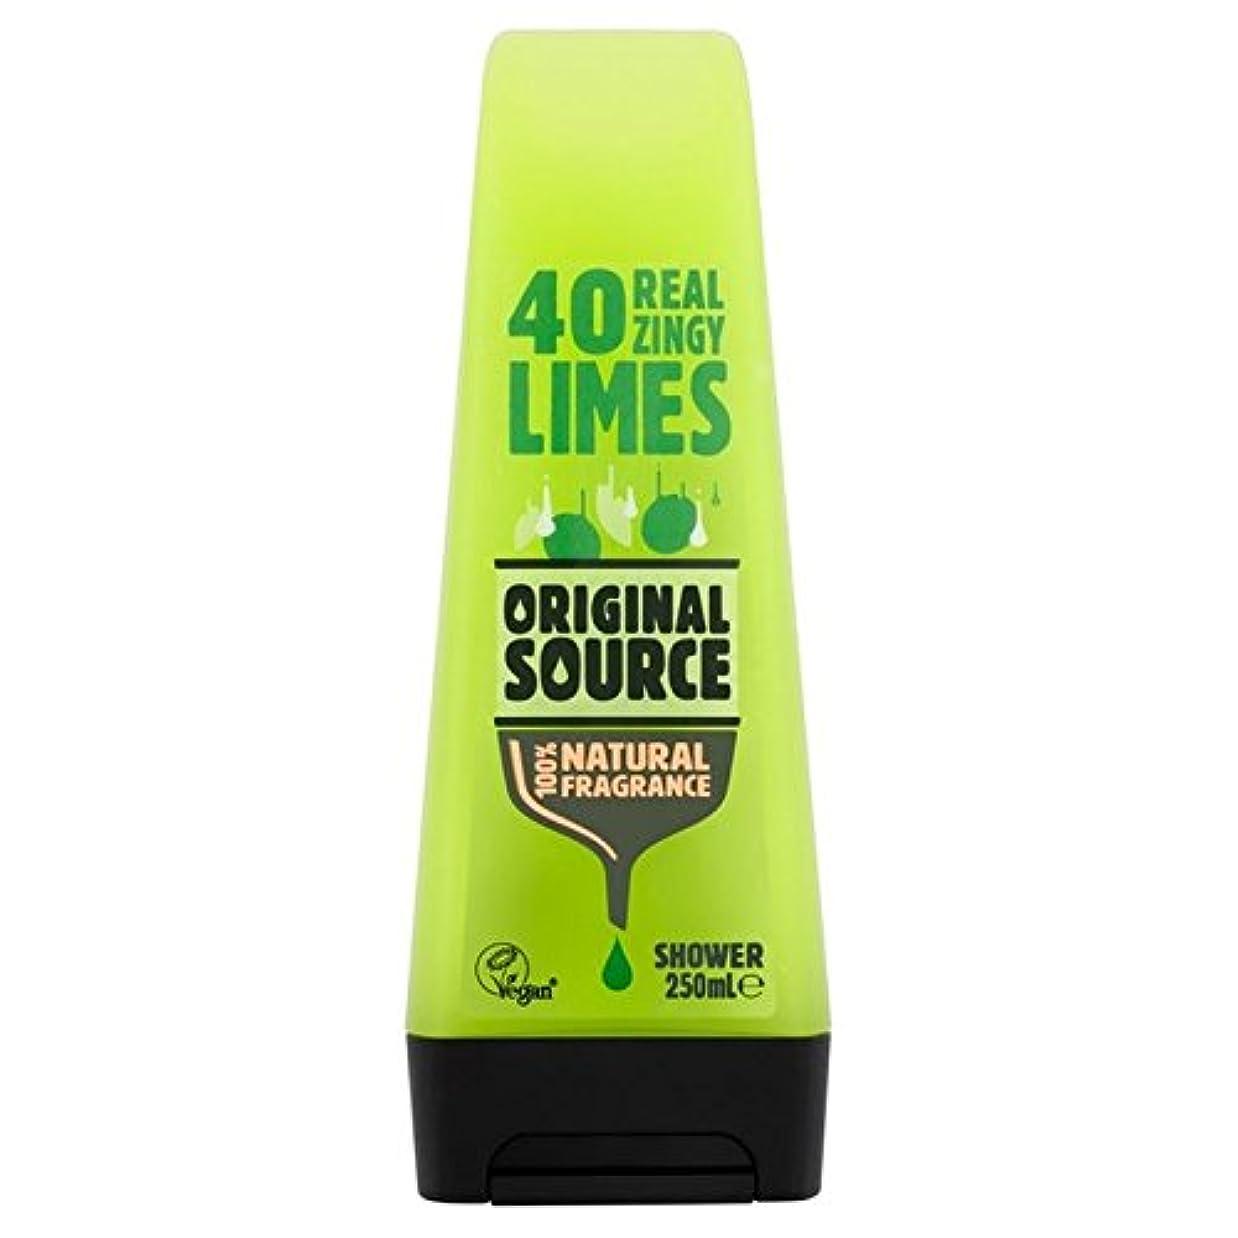 火山学者繕う弱める元のソースライムシャワージェル250ミリリットル x4 - Original Source Lime Shower Gel 250ml (Pack of 4) [並行輸入品]